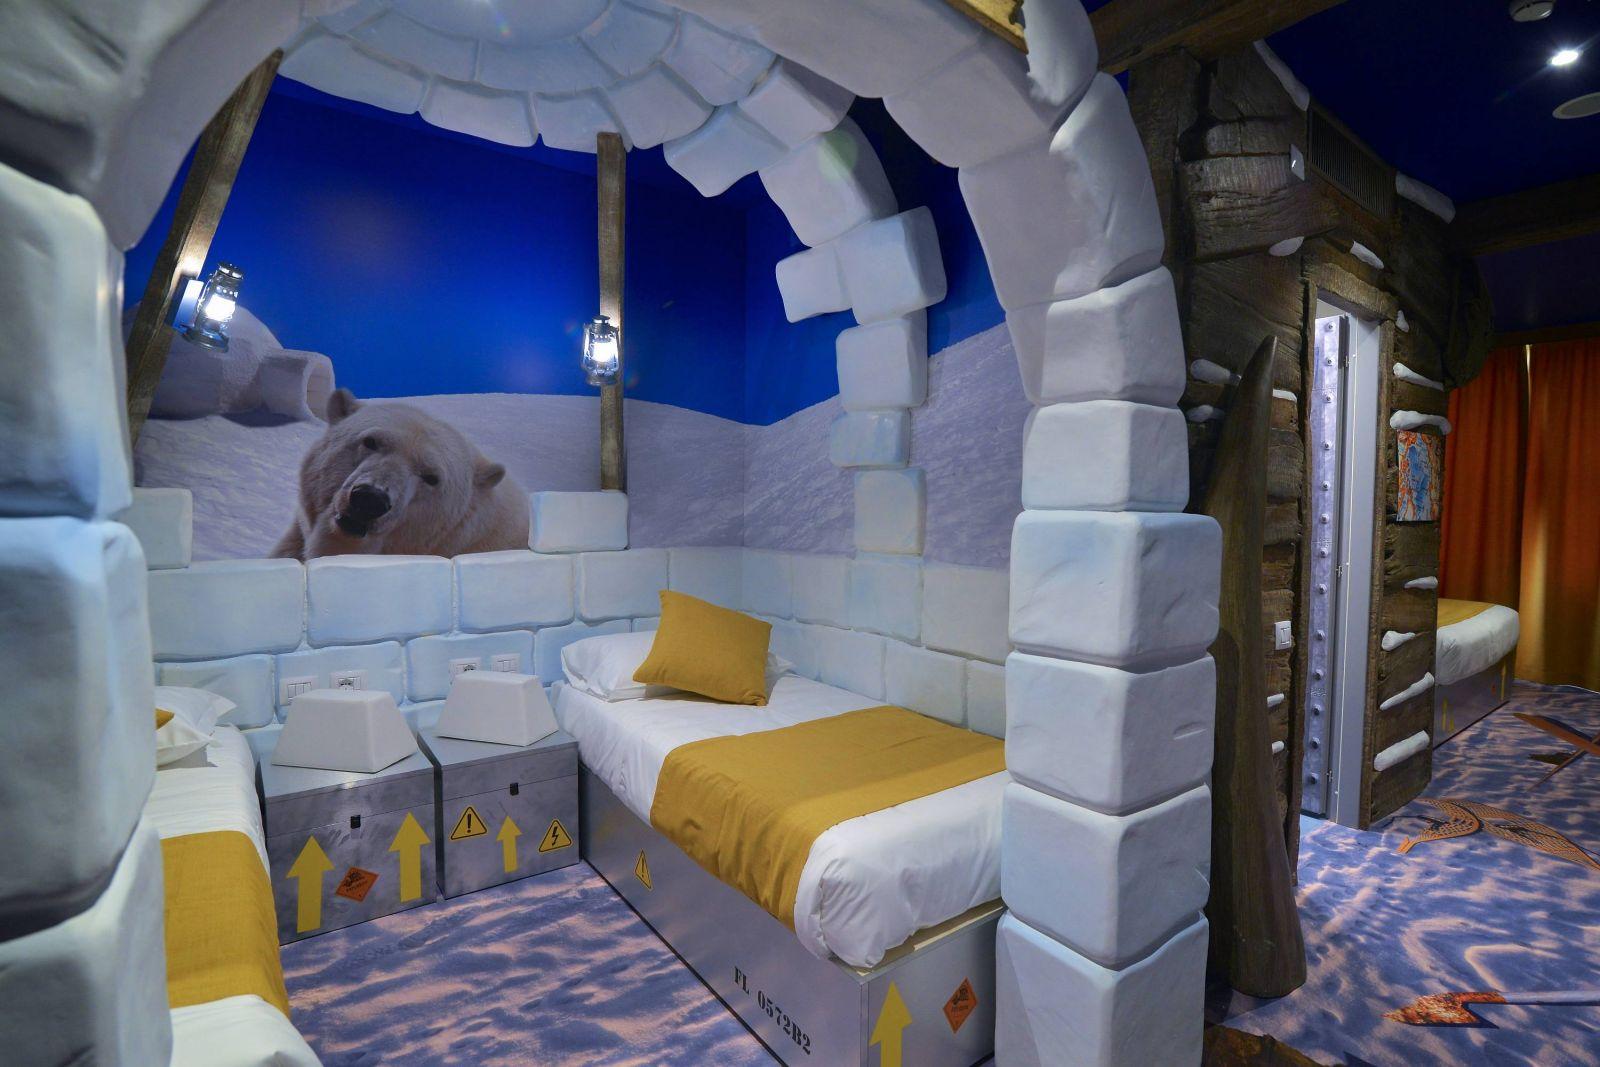 Camere Da Letto Piu Belle Del Mondo hotel a tema per bambini in italia: un soggiorno da fiaba